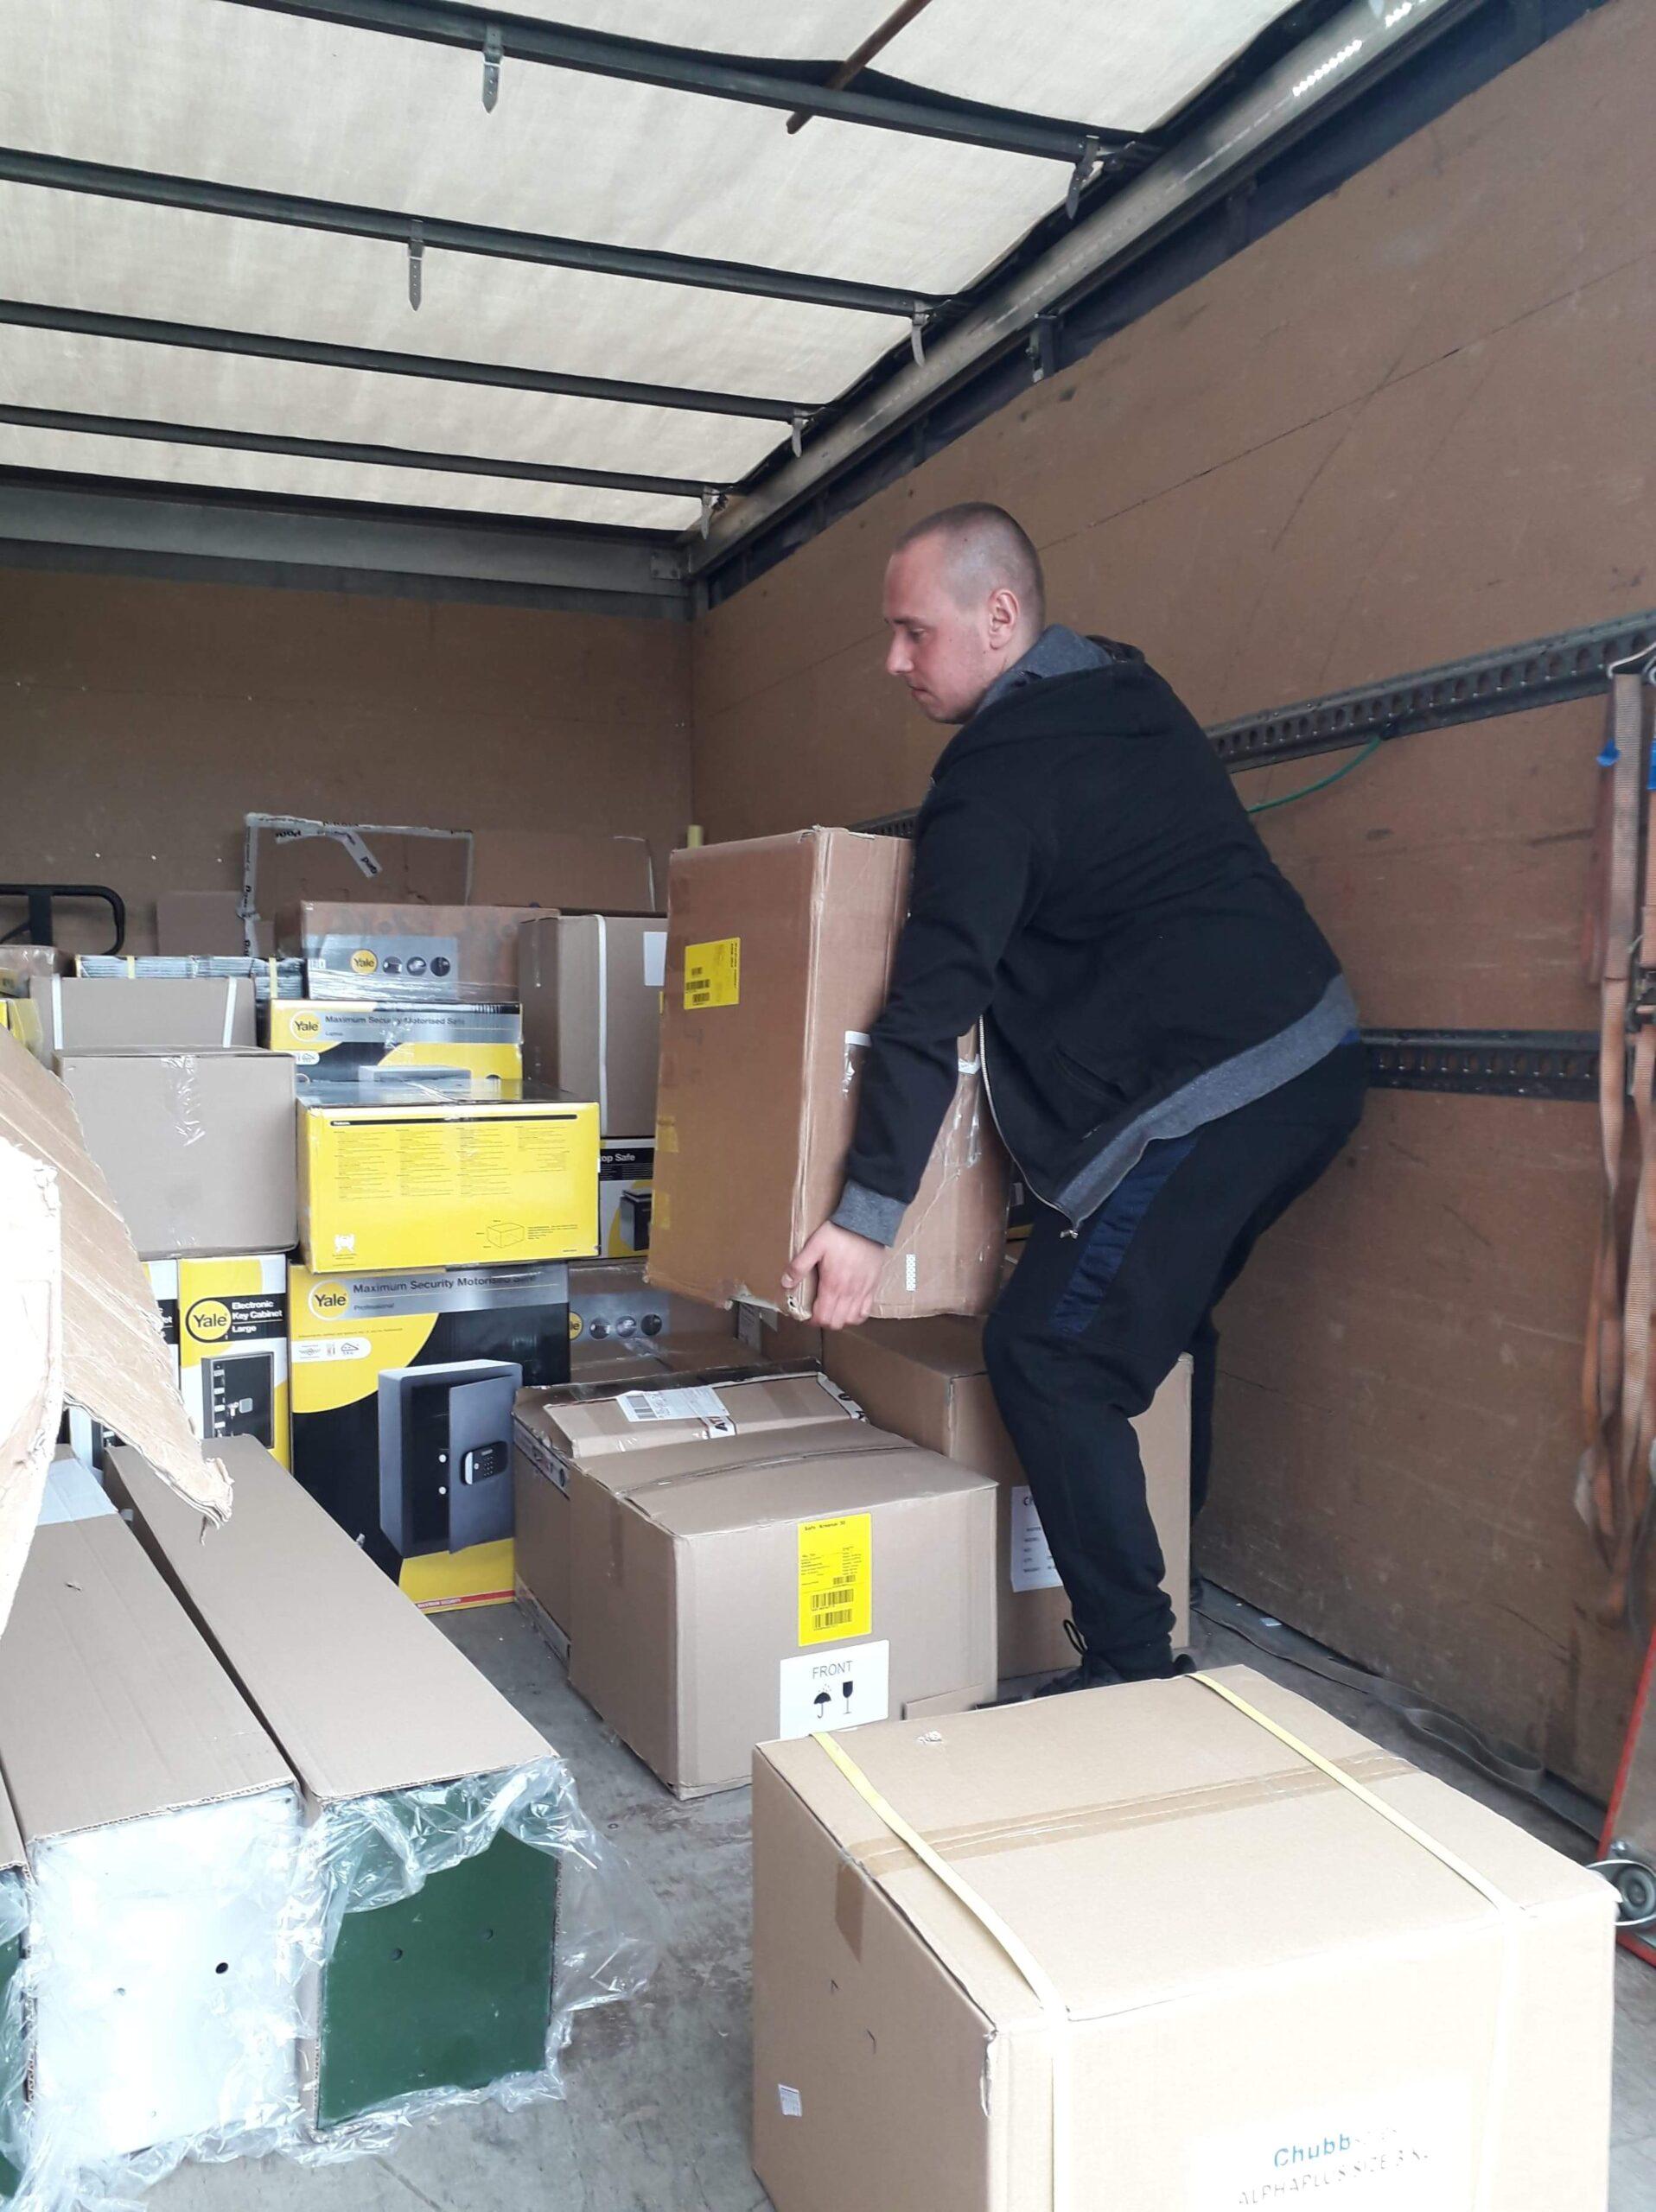 Transport i montaż mebli - Gdańsk - przenoszenie kartonów